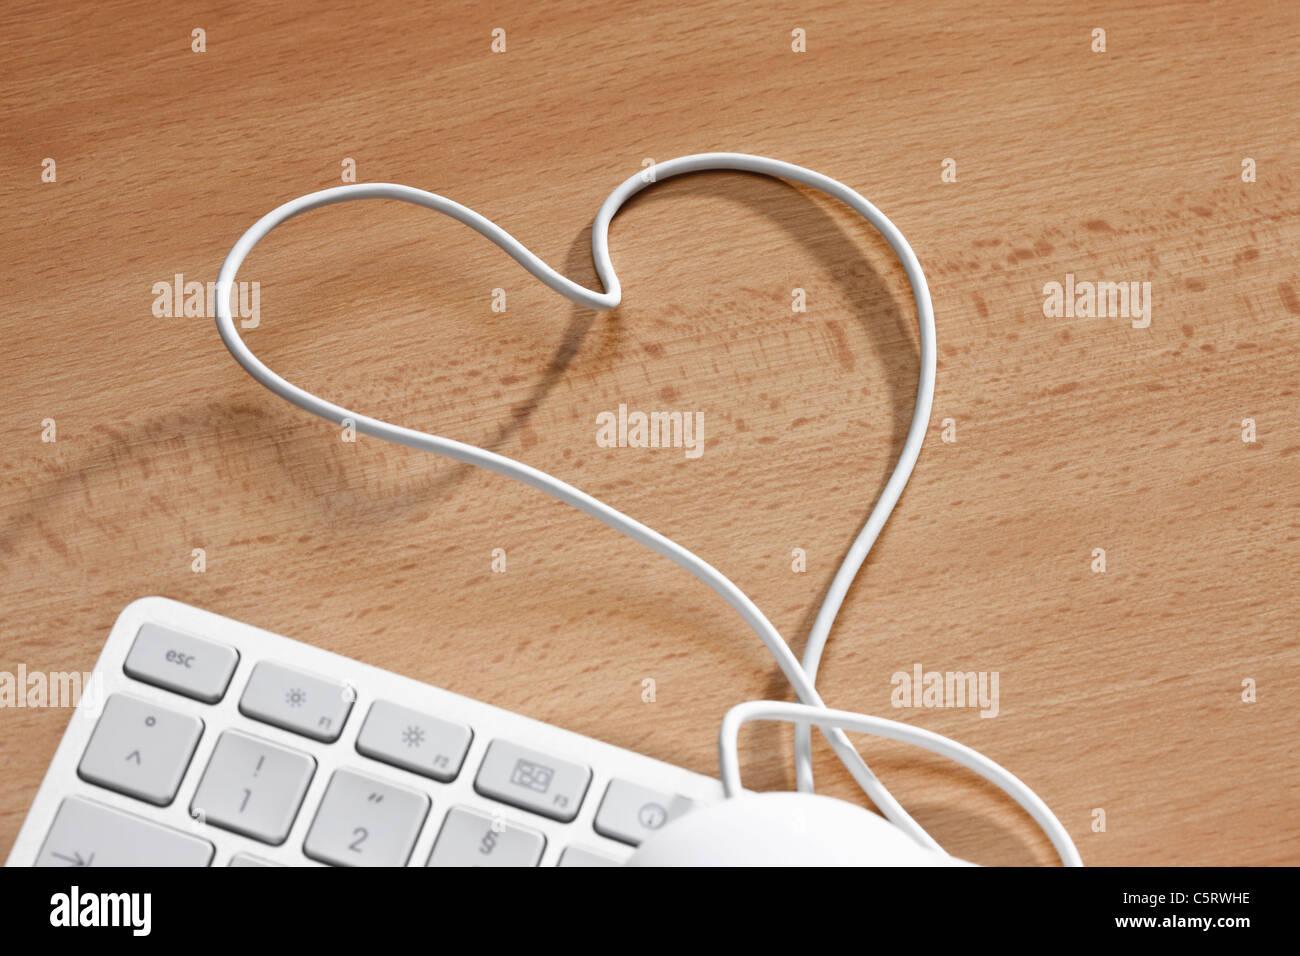 Tastiera per computer con cuore di filo metallico di forma, vista in elevazione Immagini Stock